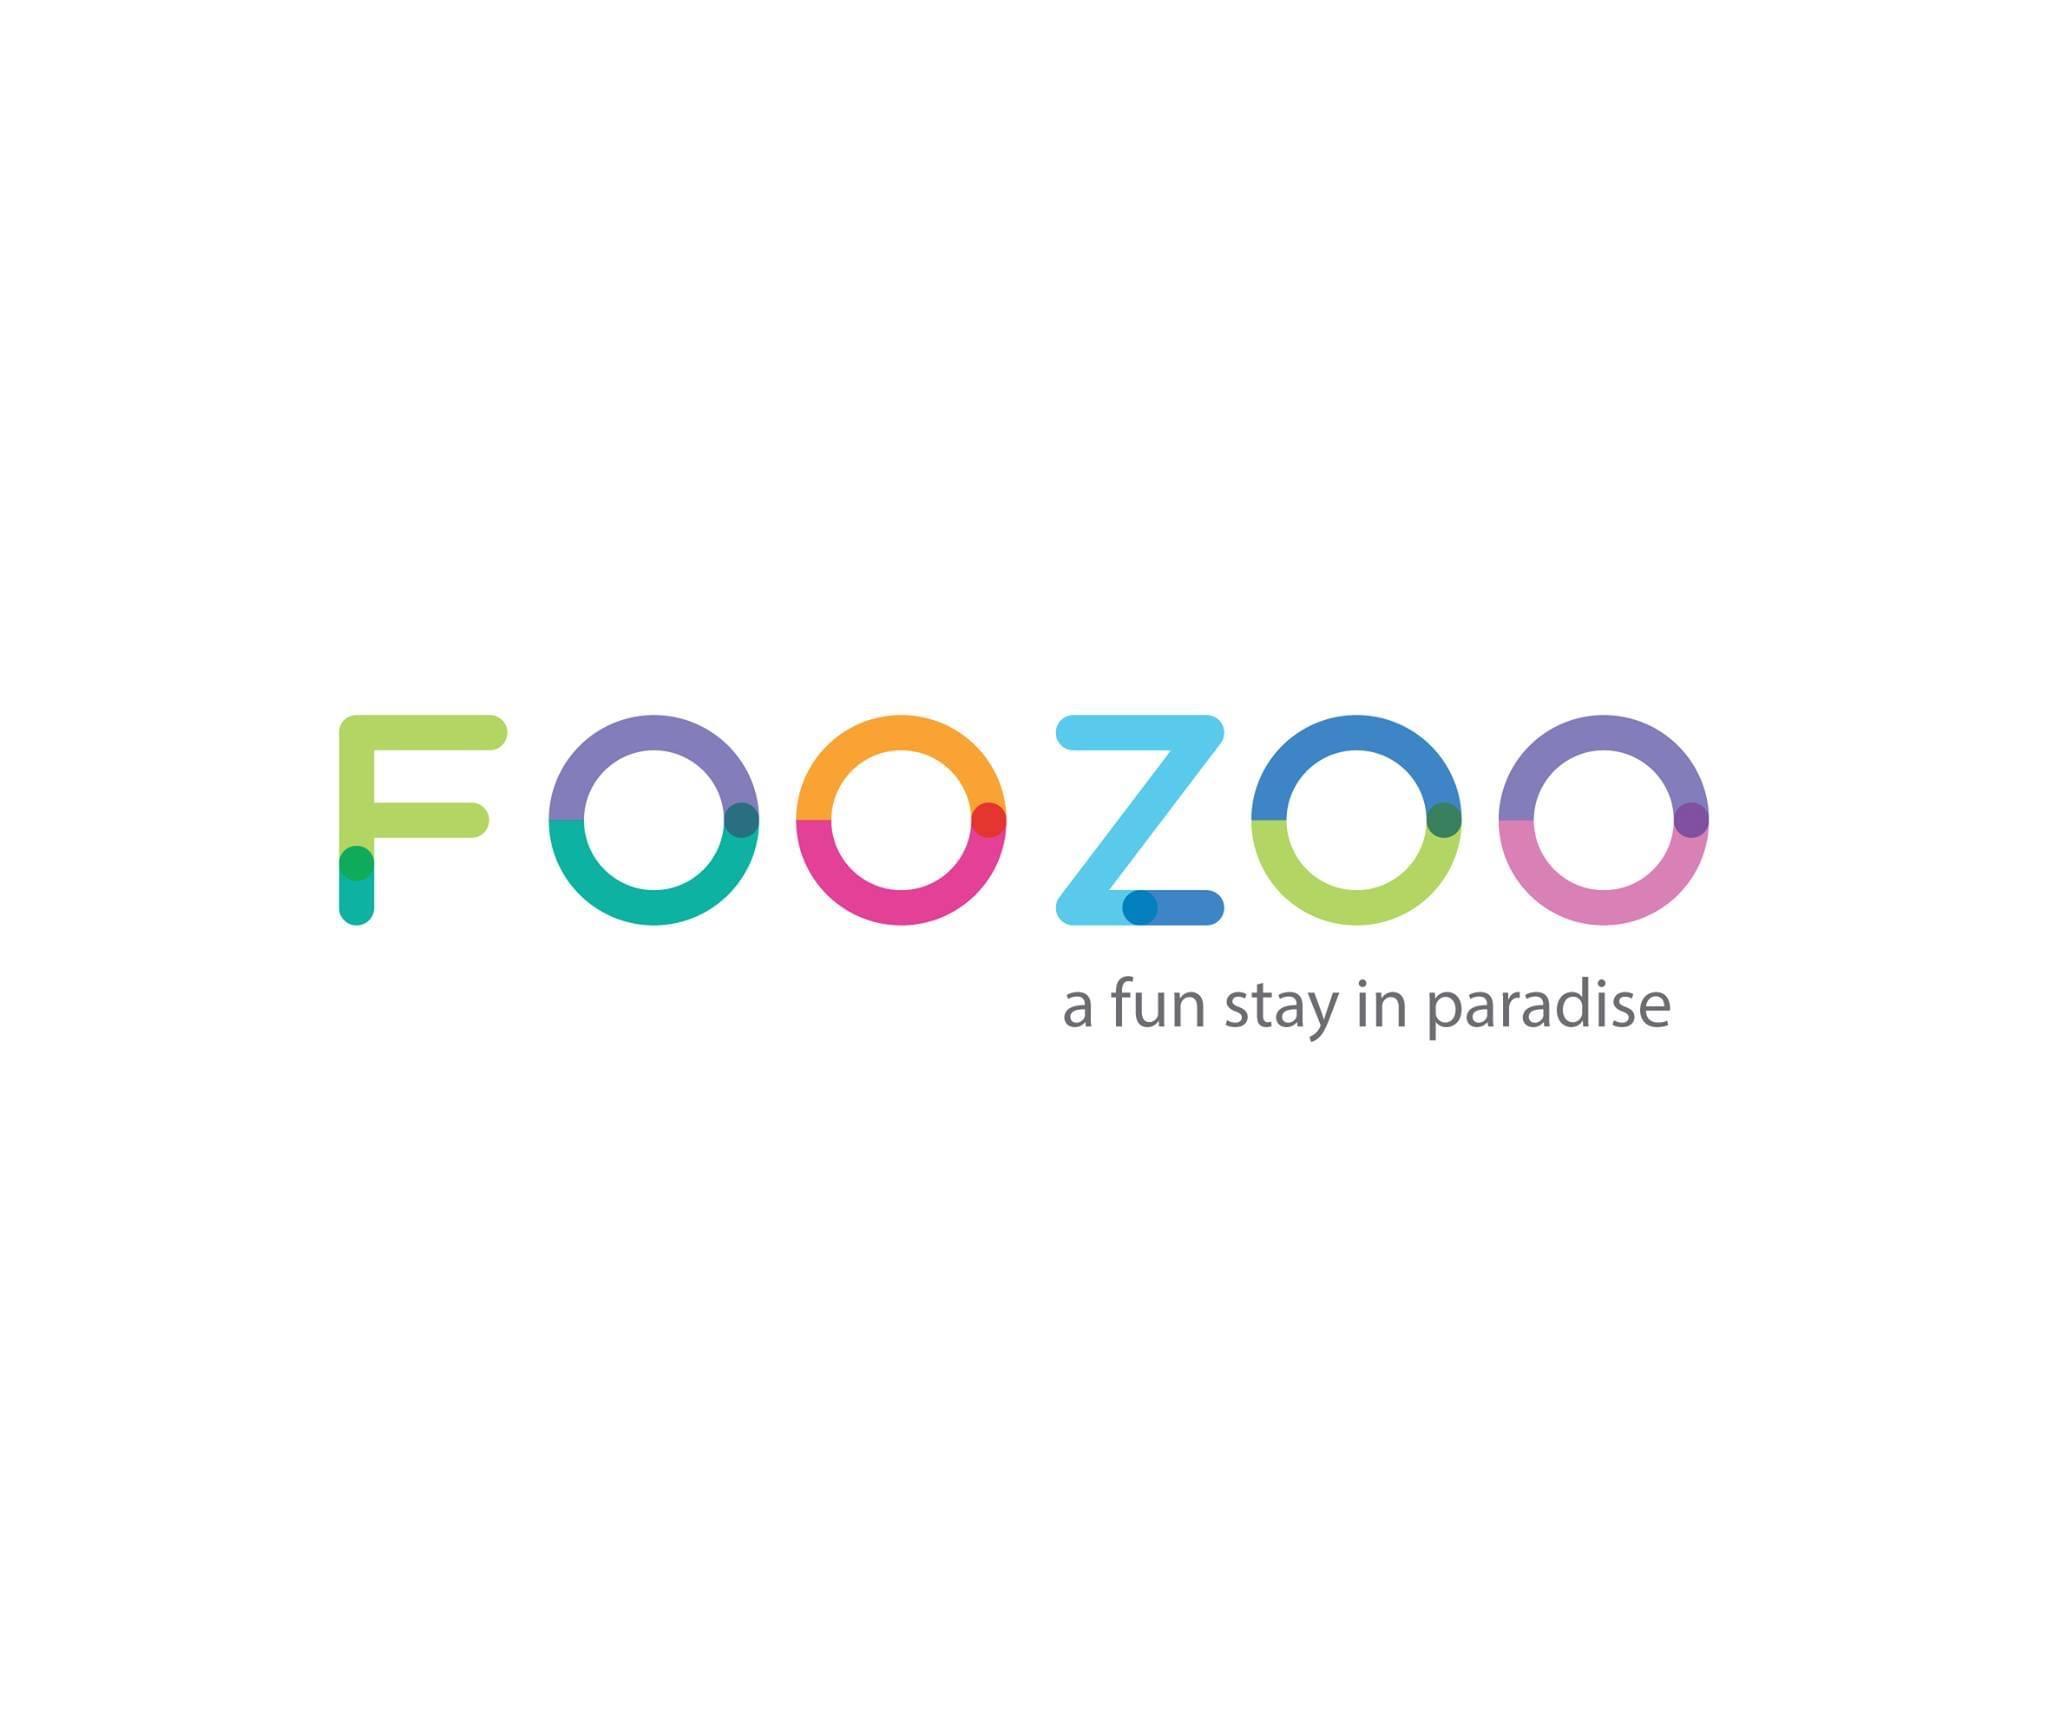 Foozoo